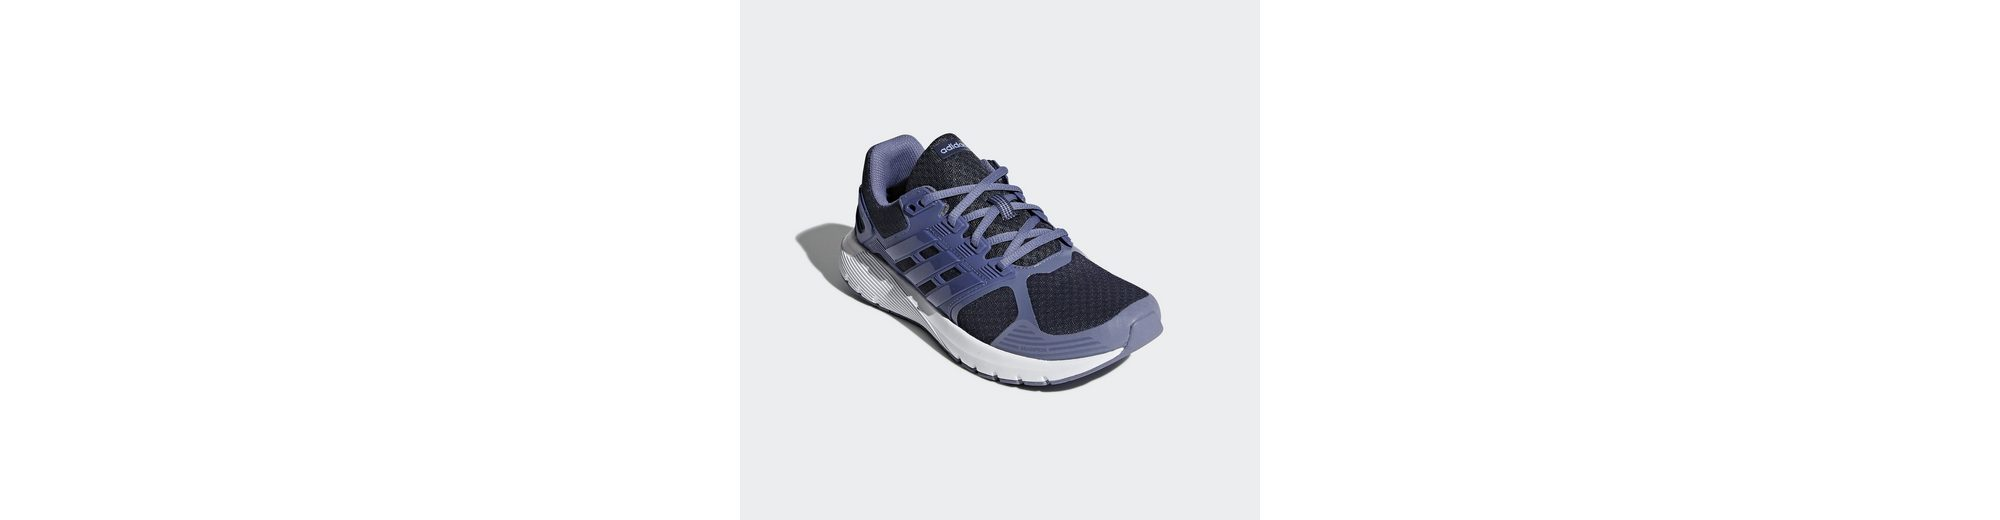 adidas Performance Duramo 8 Schuh Laufschuh Spielraum Zahlung Mit Visa Bztnw7cg